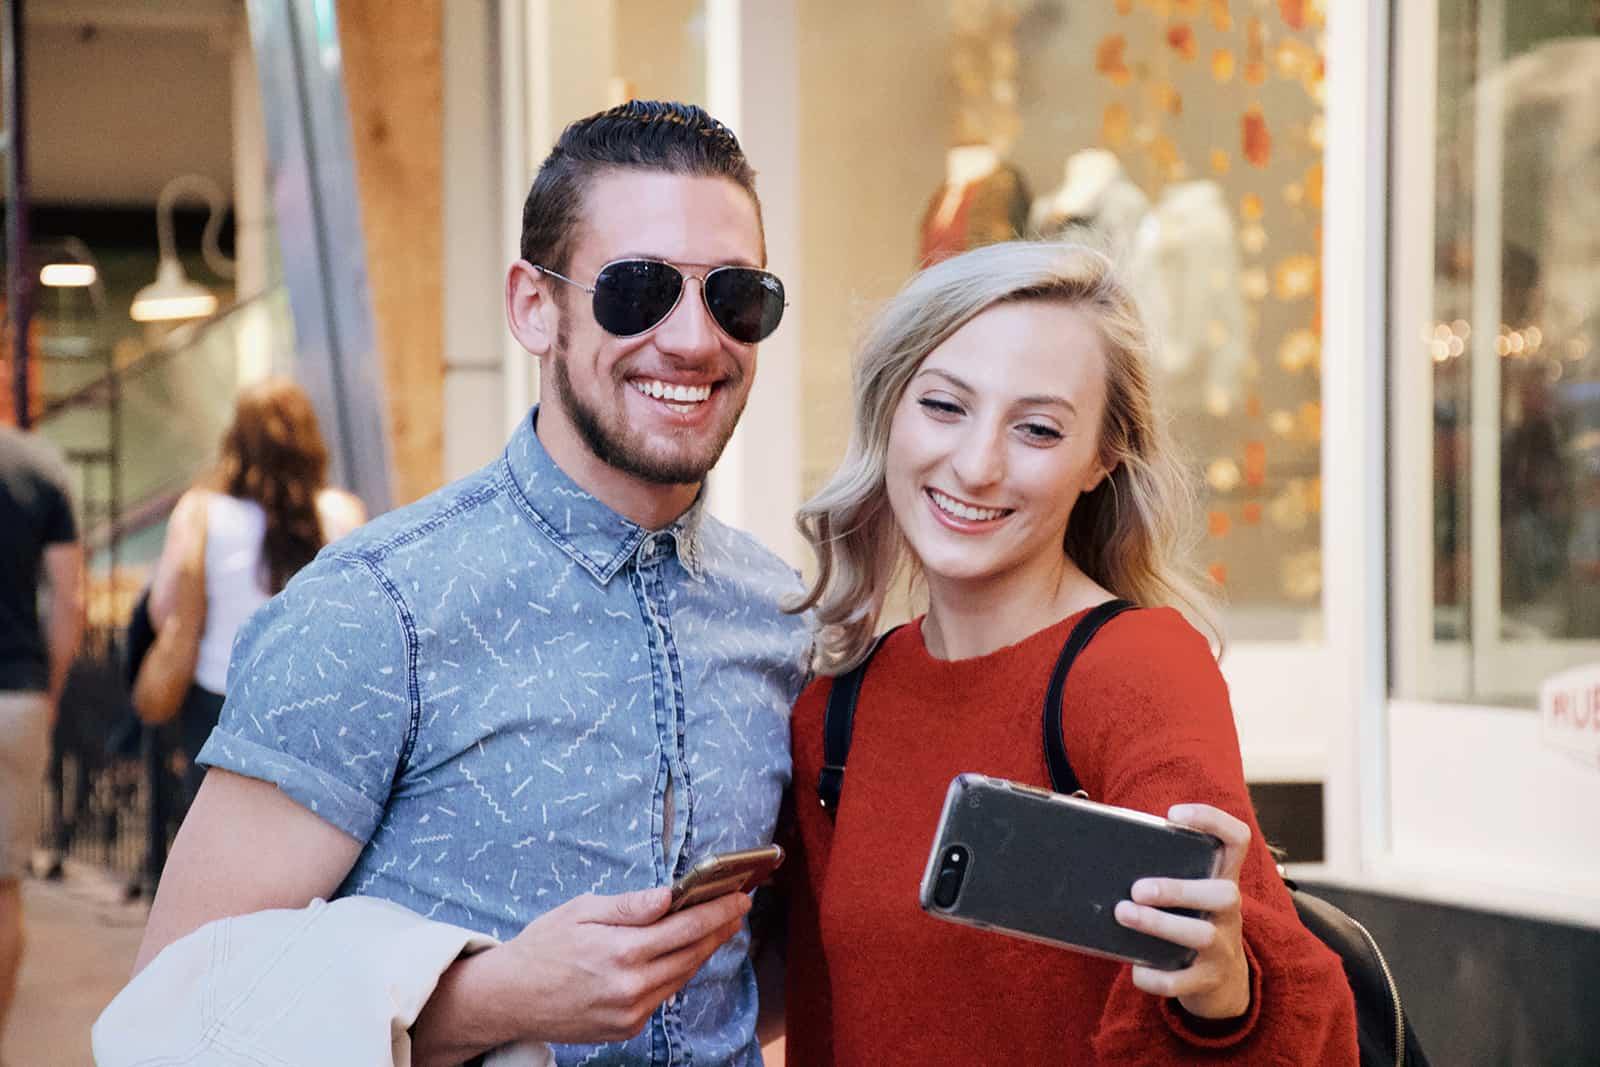 Ein lächelnder Mann und eine Frau machen ein Selfie, während sie im Einkaufszentrum stehen